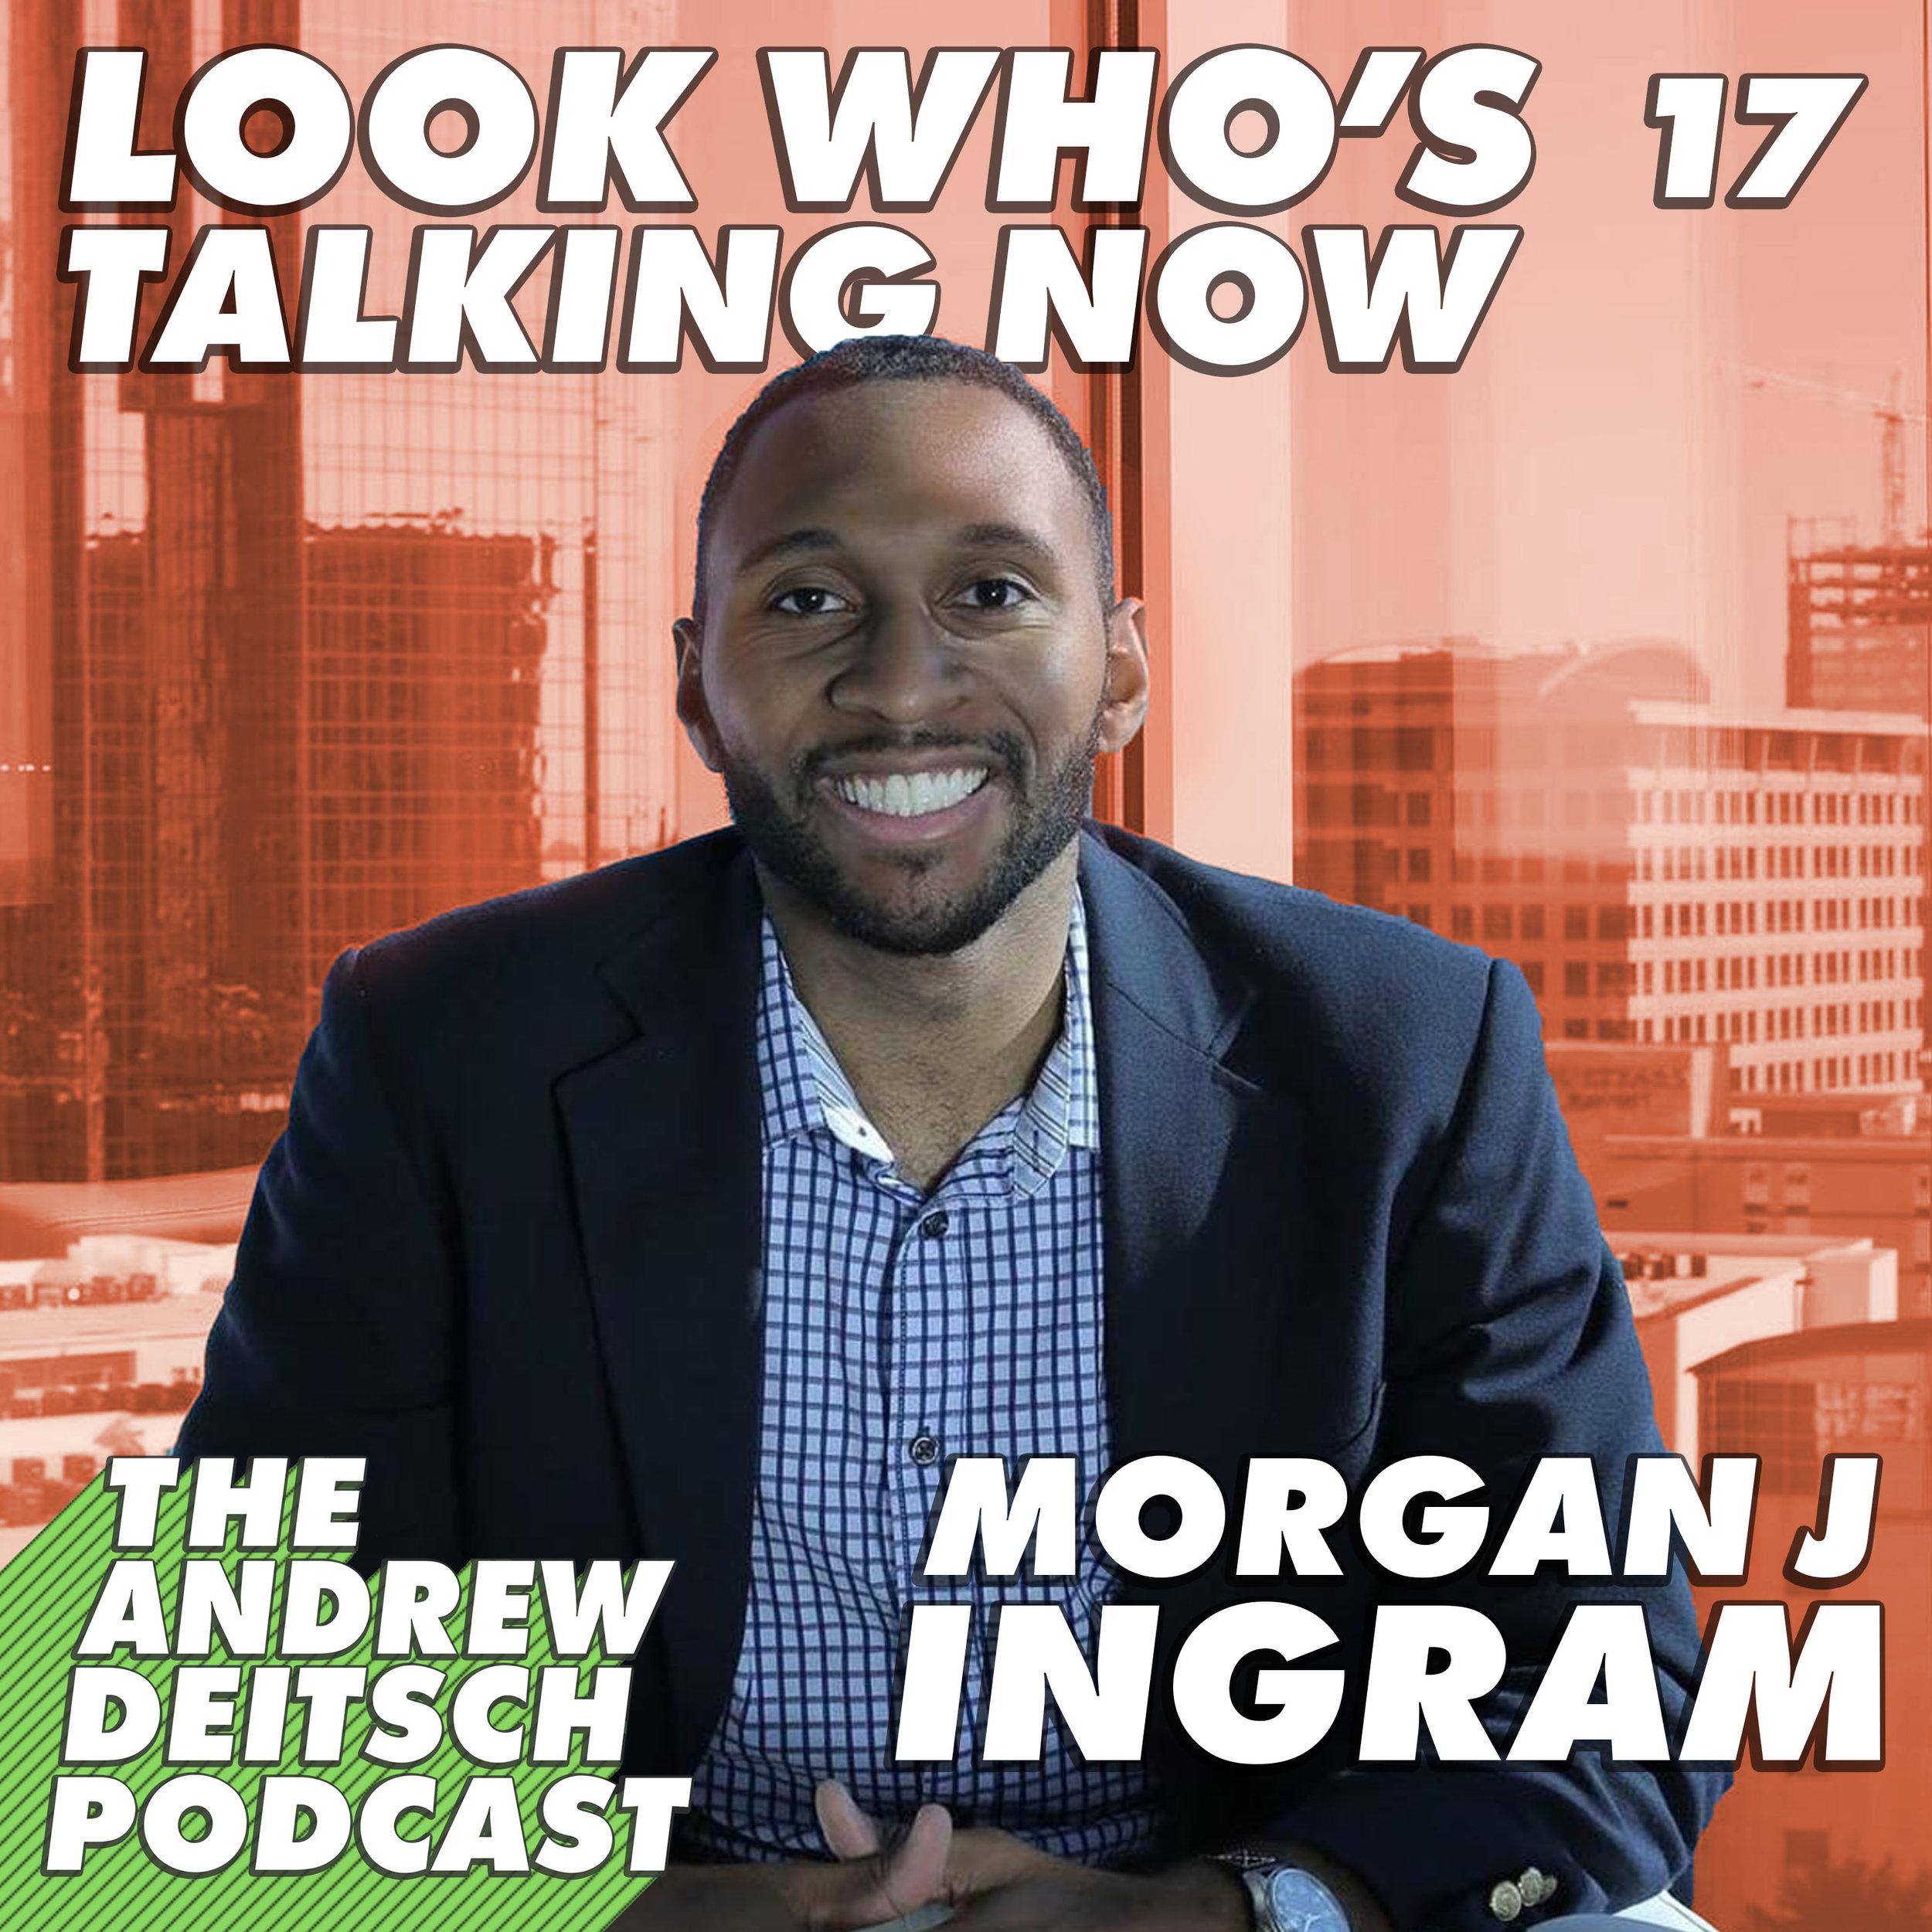 17-morgan-ingram